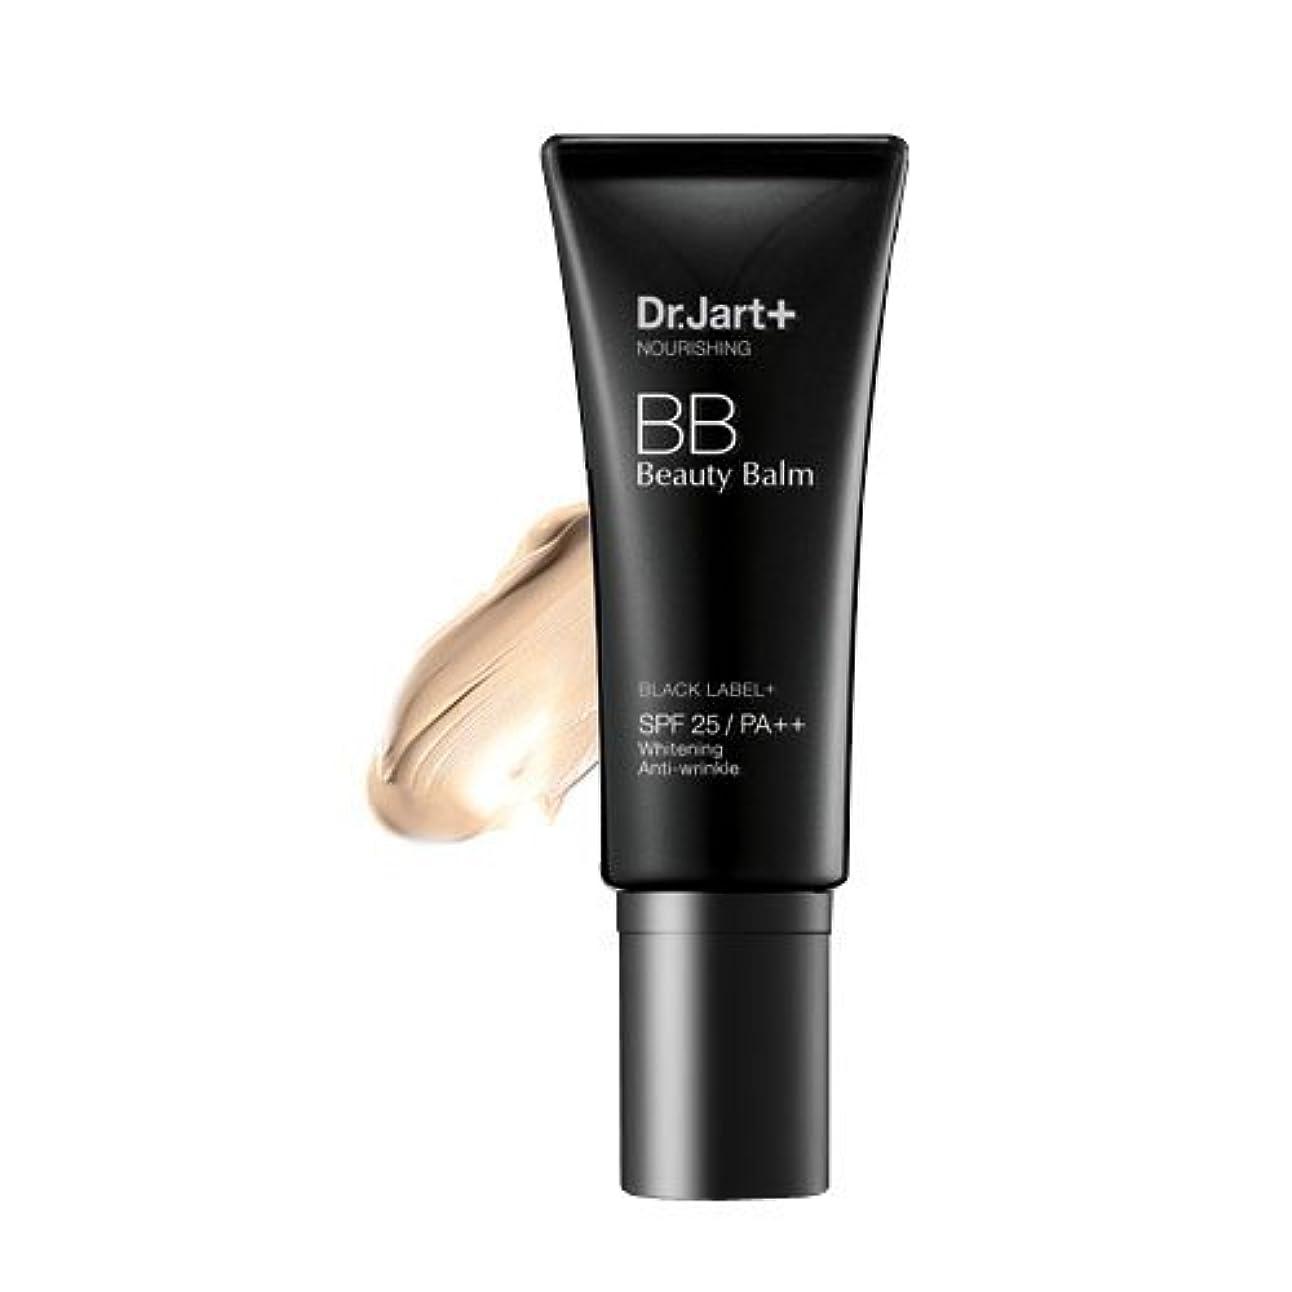 覆す確保する慣らすドクタージャルト ブラックラベル プラス BBクリーム SPF25PA+++ 40ml Dr.Jart NOURISHING BB Beauty Balm...